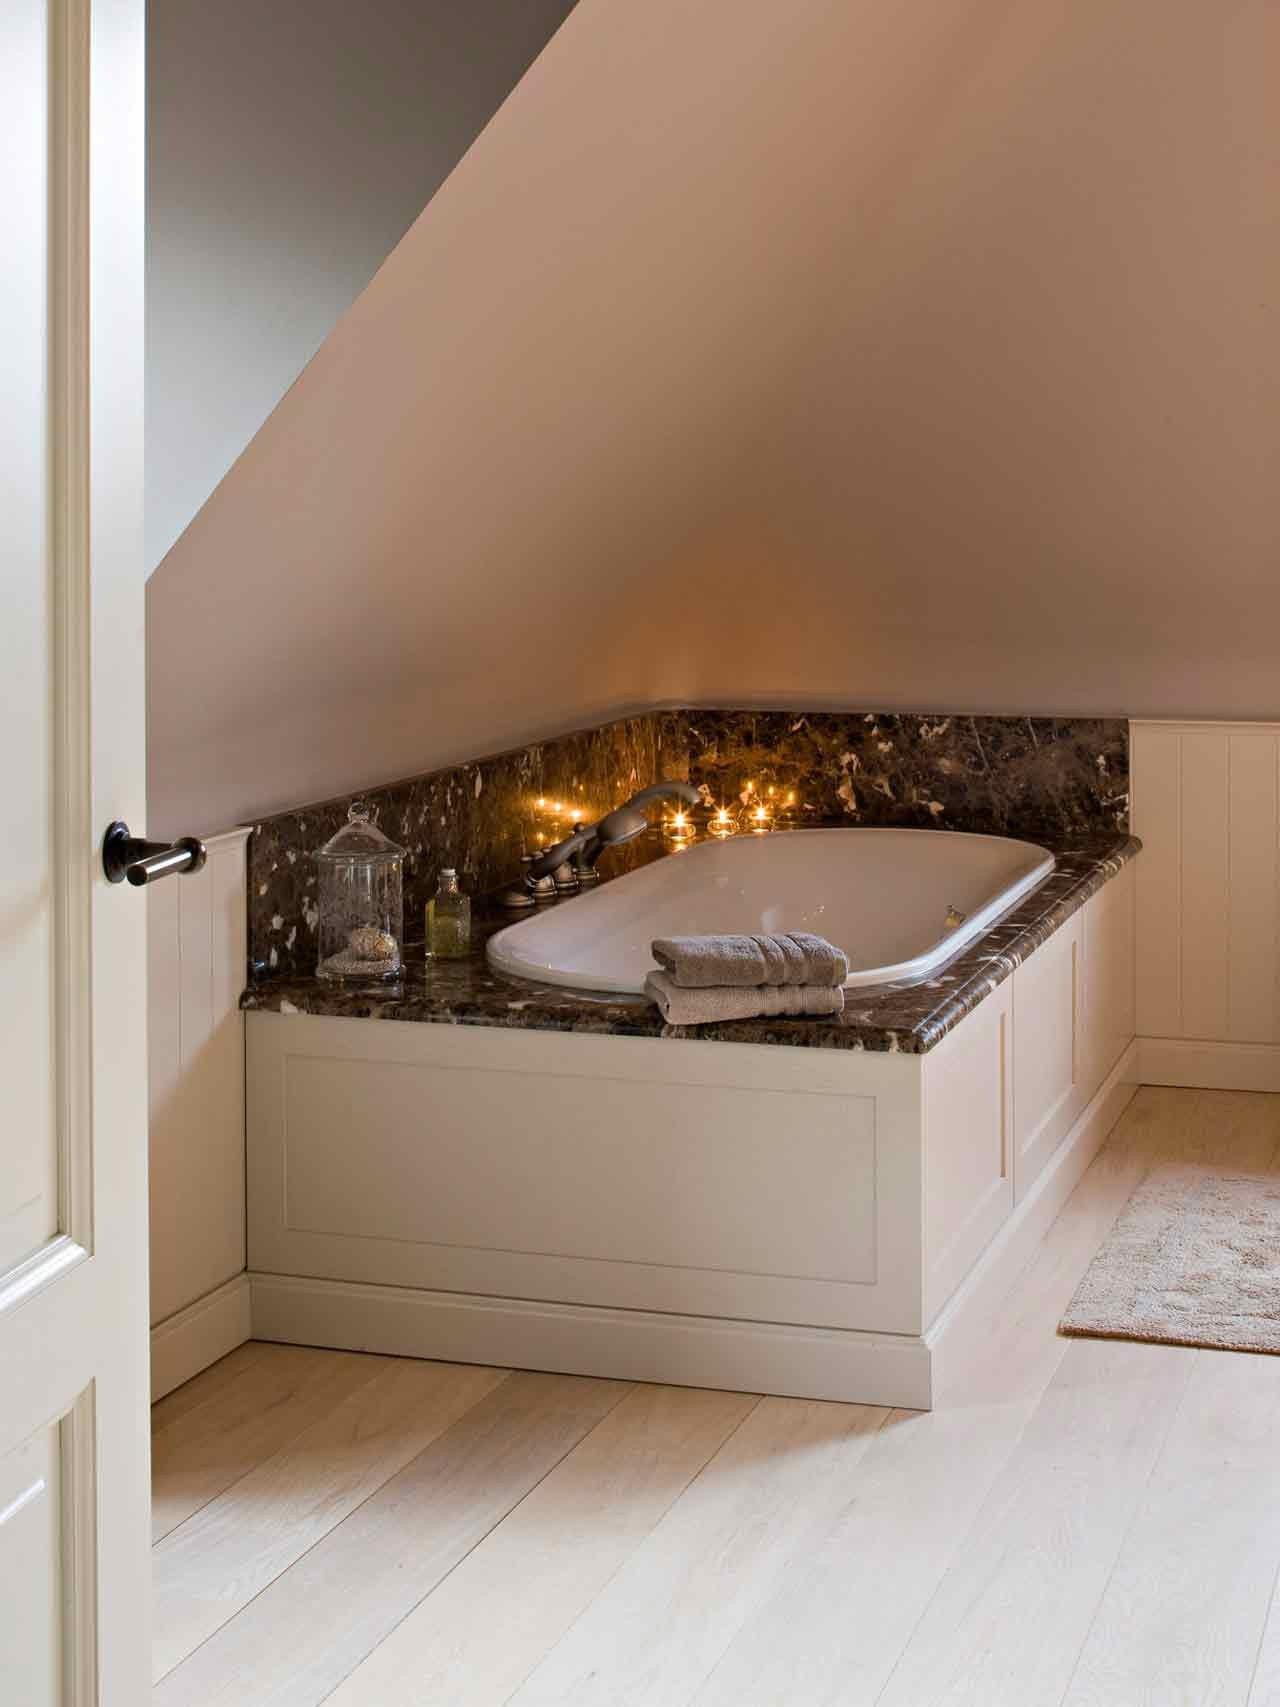 Totaalinrichting-badkamer-landelijk-1.jpg